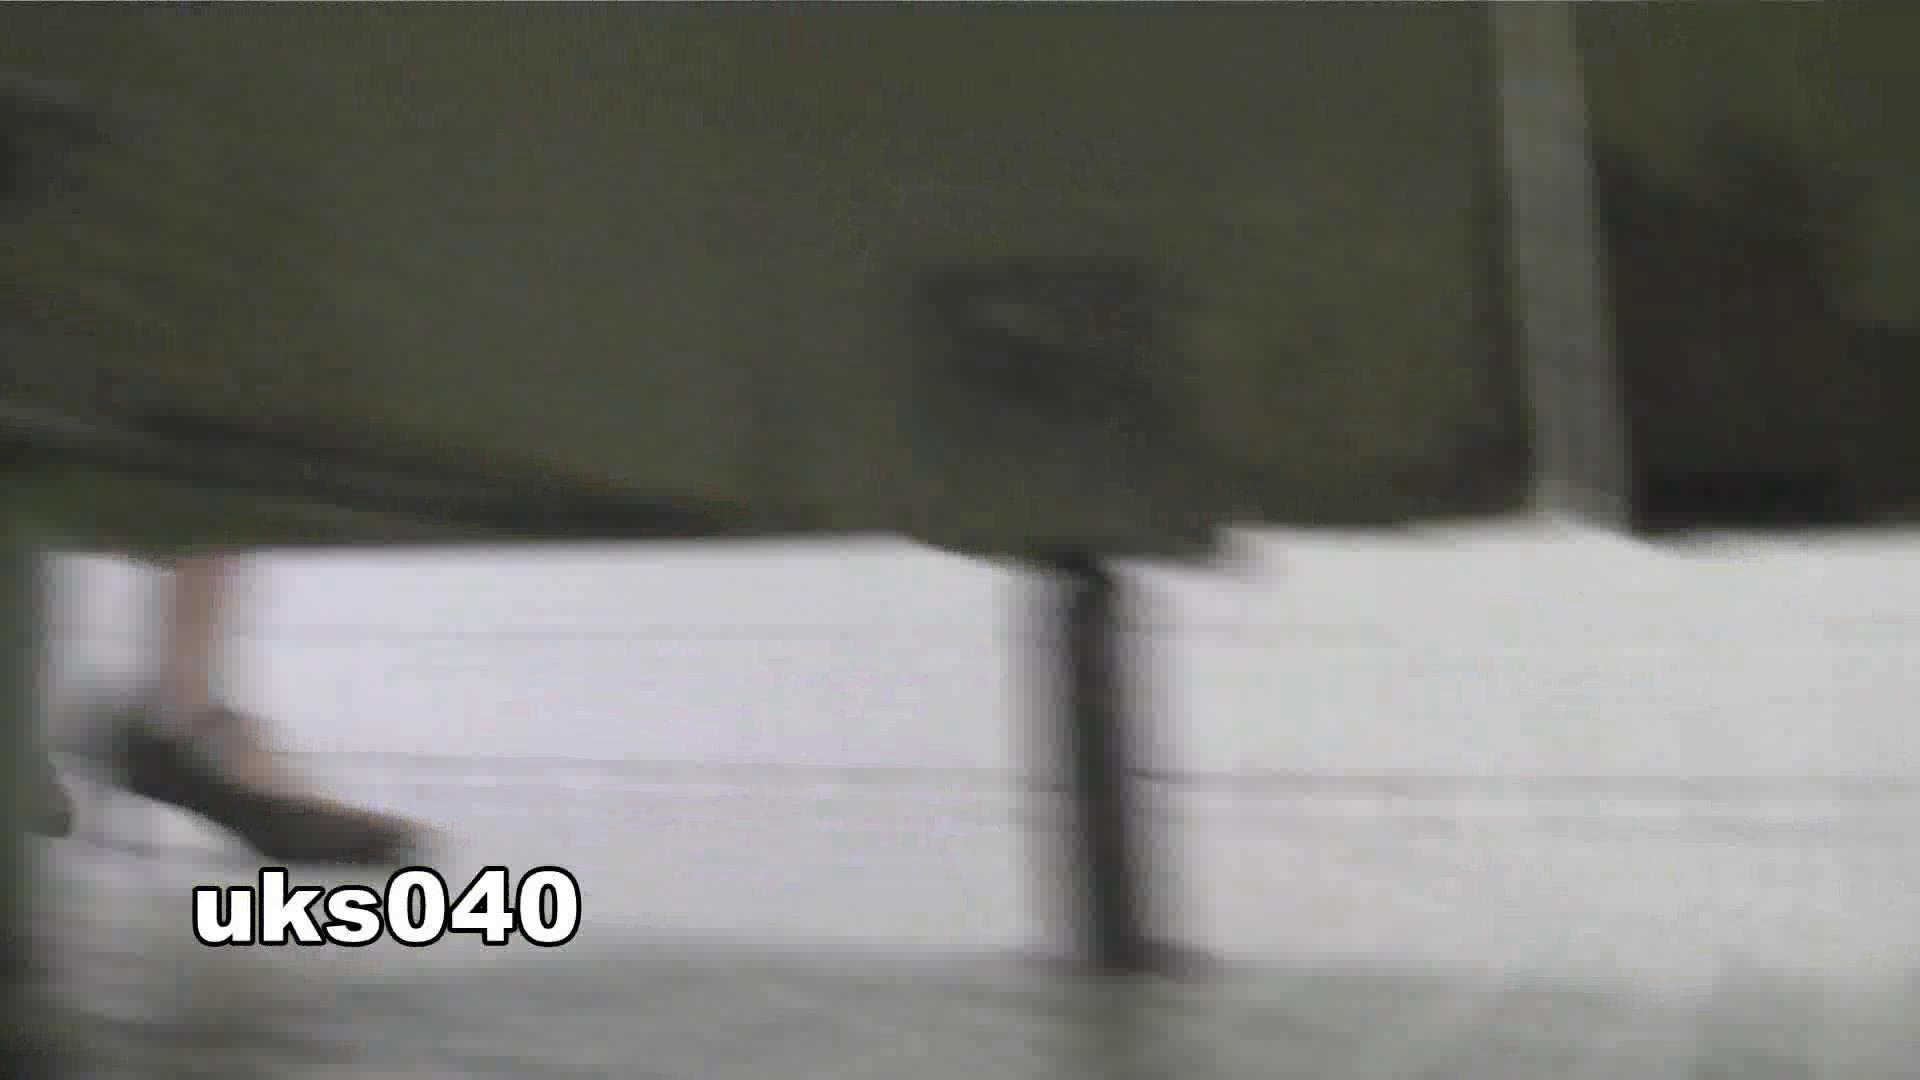 【美しき個室な世界】 vol.040 出て行かれる時の清楚姿撮り 洗面所  75画像 21